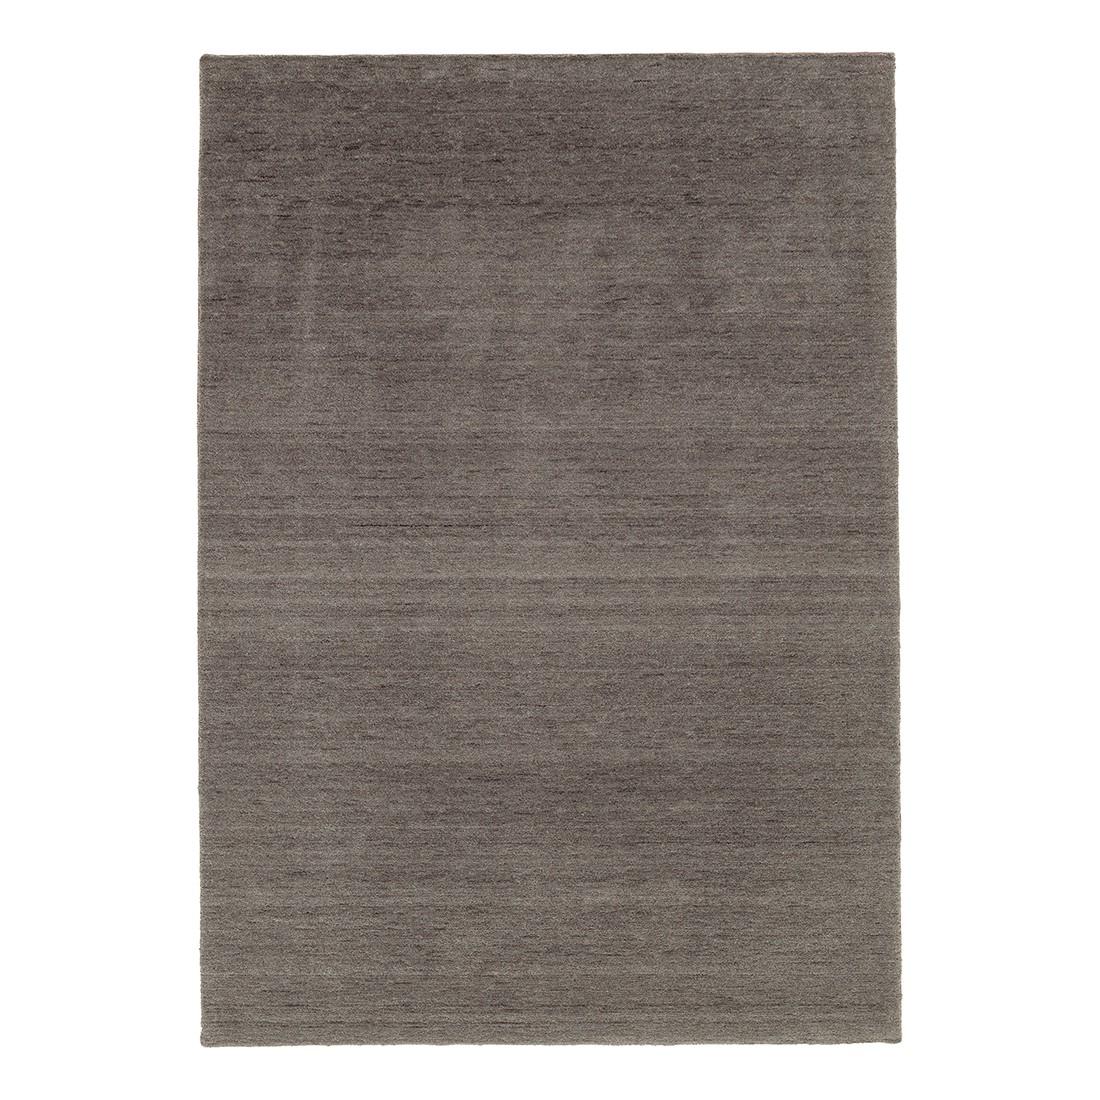 Teppich Victoria – Nerz – 170 x 240 cm, Schöner Wohnen Kollektion jetzt kaufen